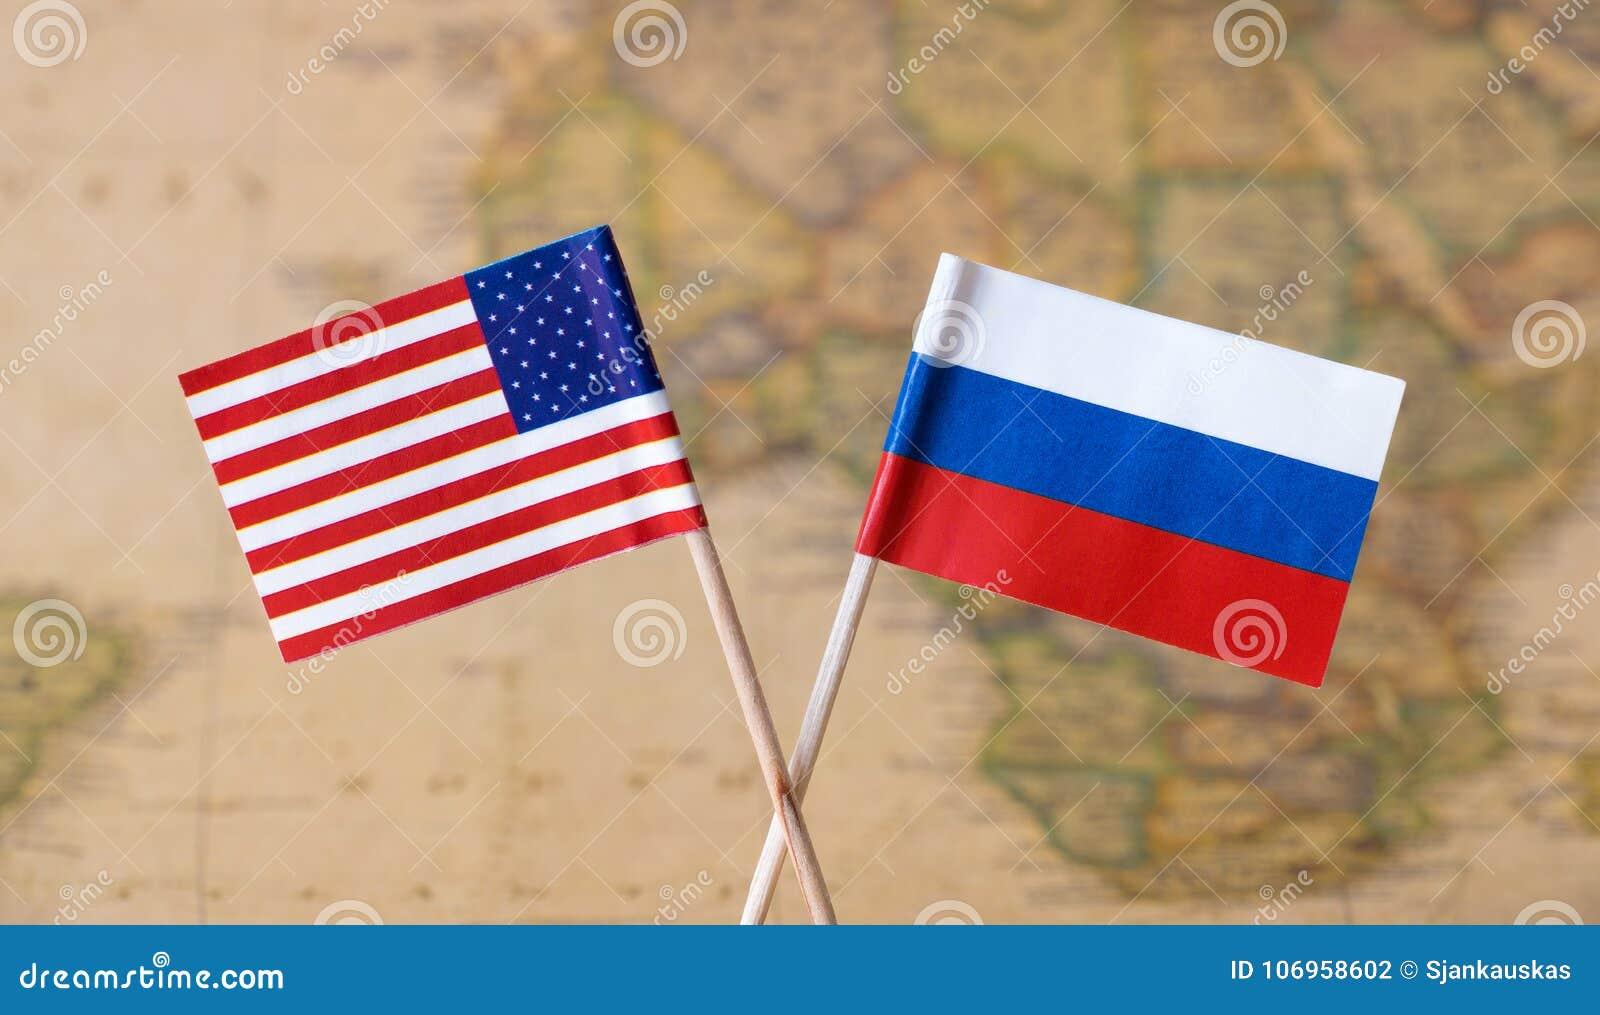 Bandeiras dos EUA e da Rússia sobre o mapa do mundo, imagem do conceito dos países do líder político